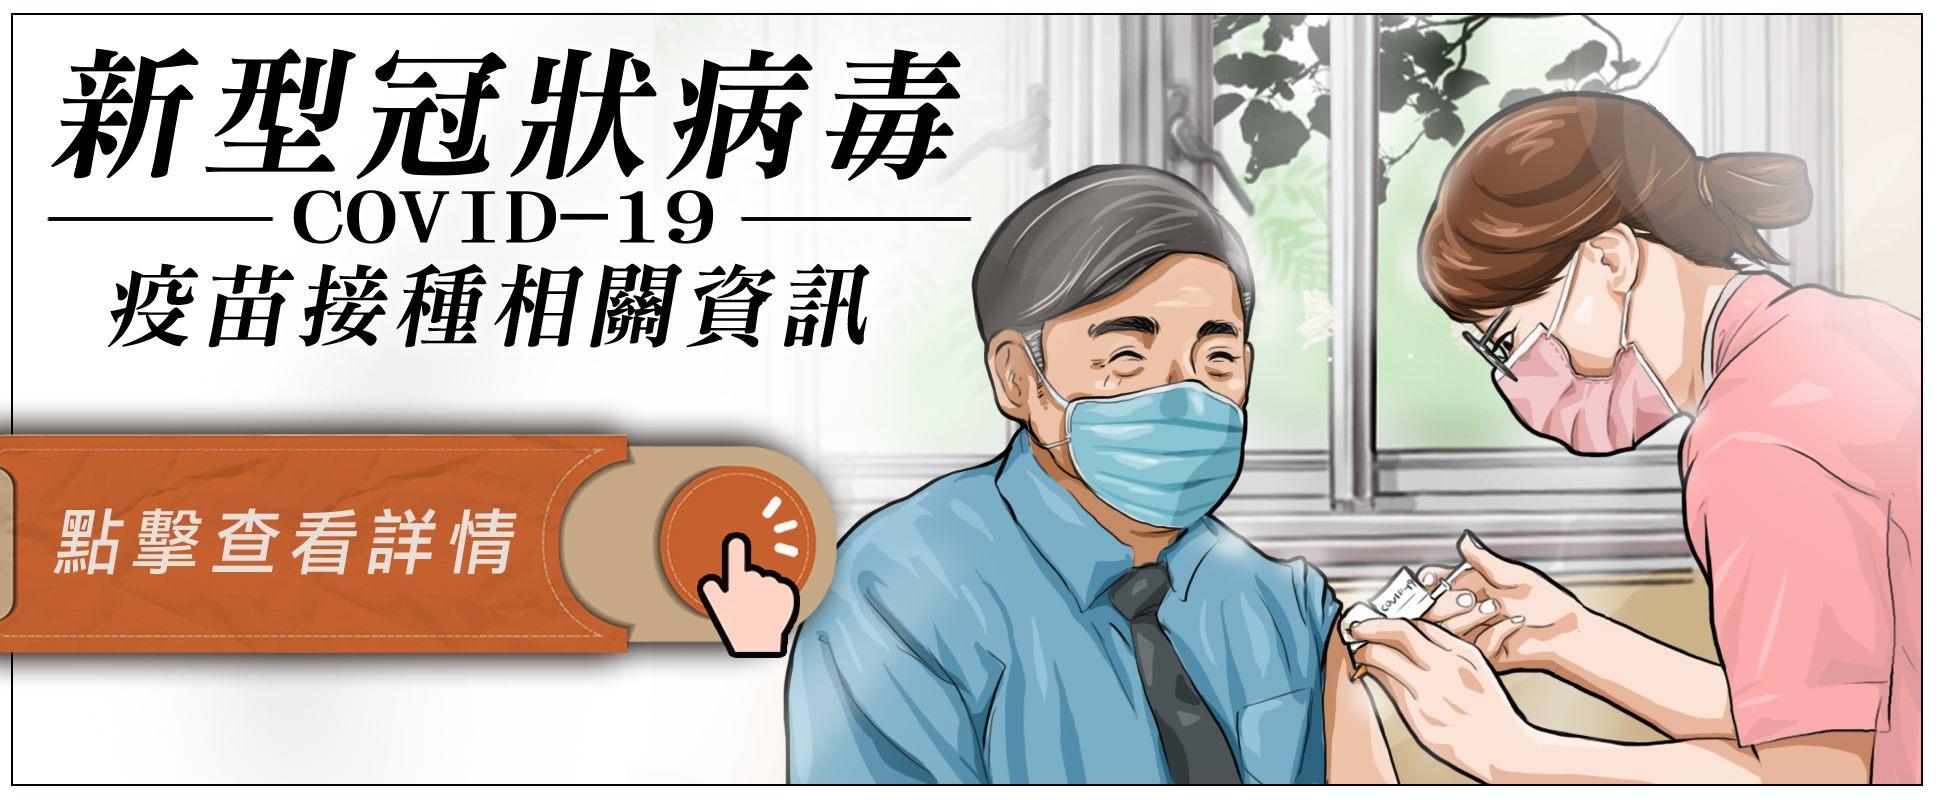 新冠肺炎(COVID-19)公費疫苗接種專區